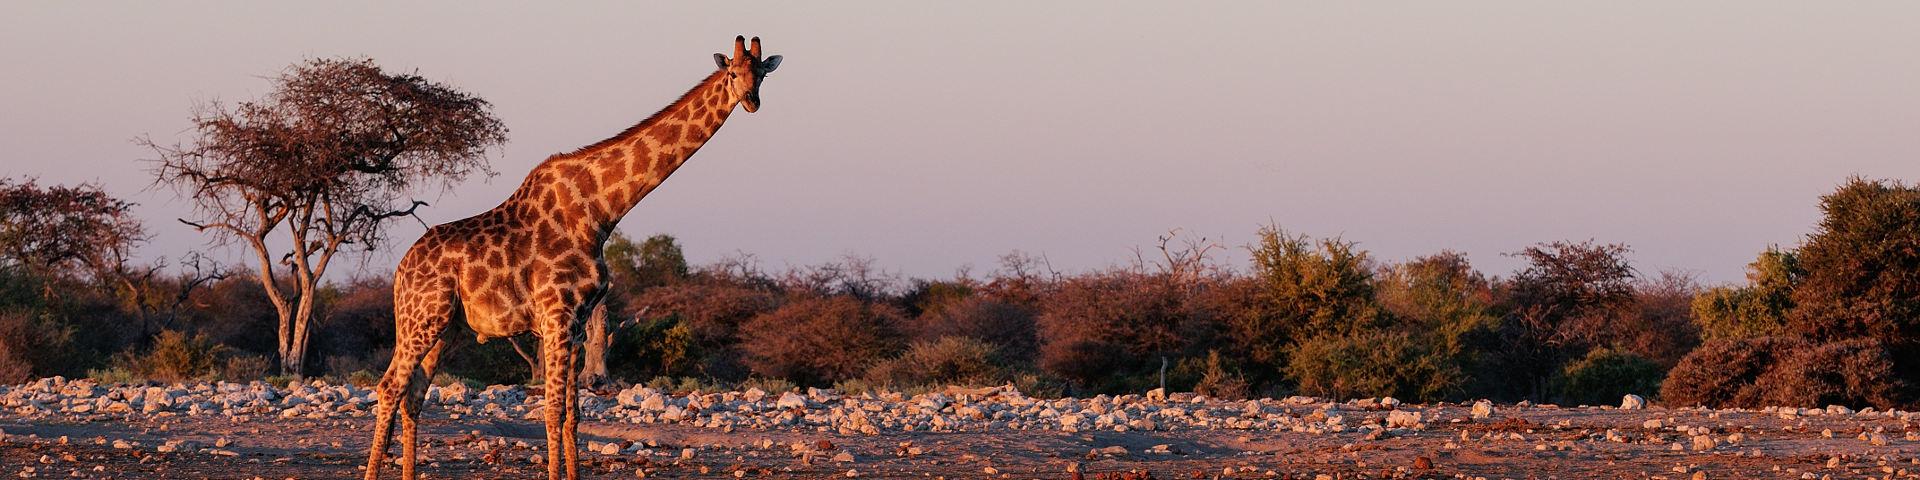 African Flights